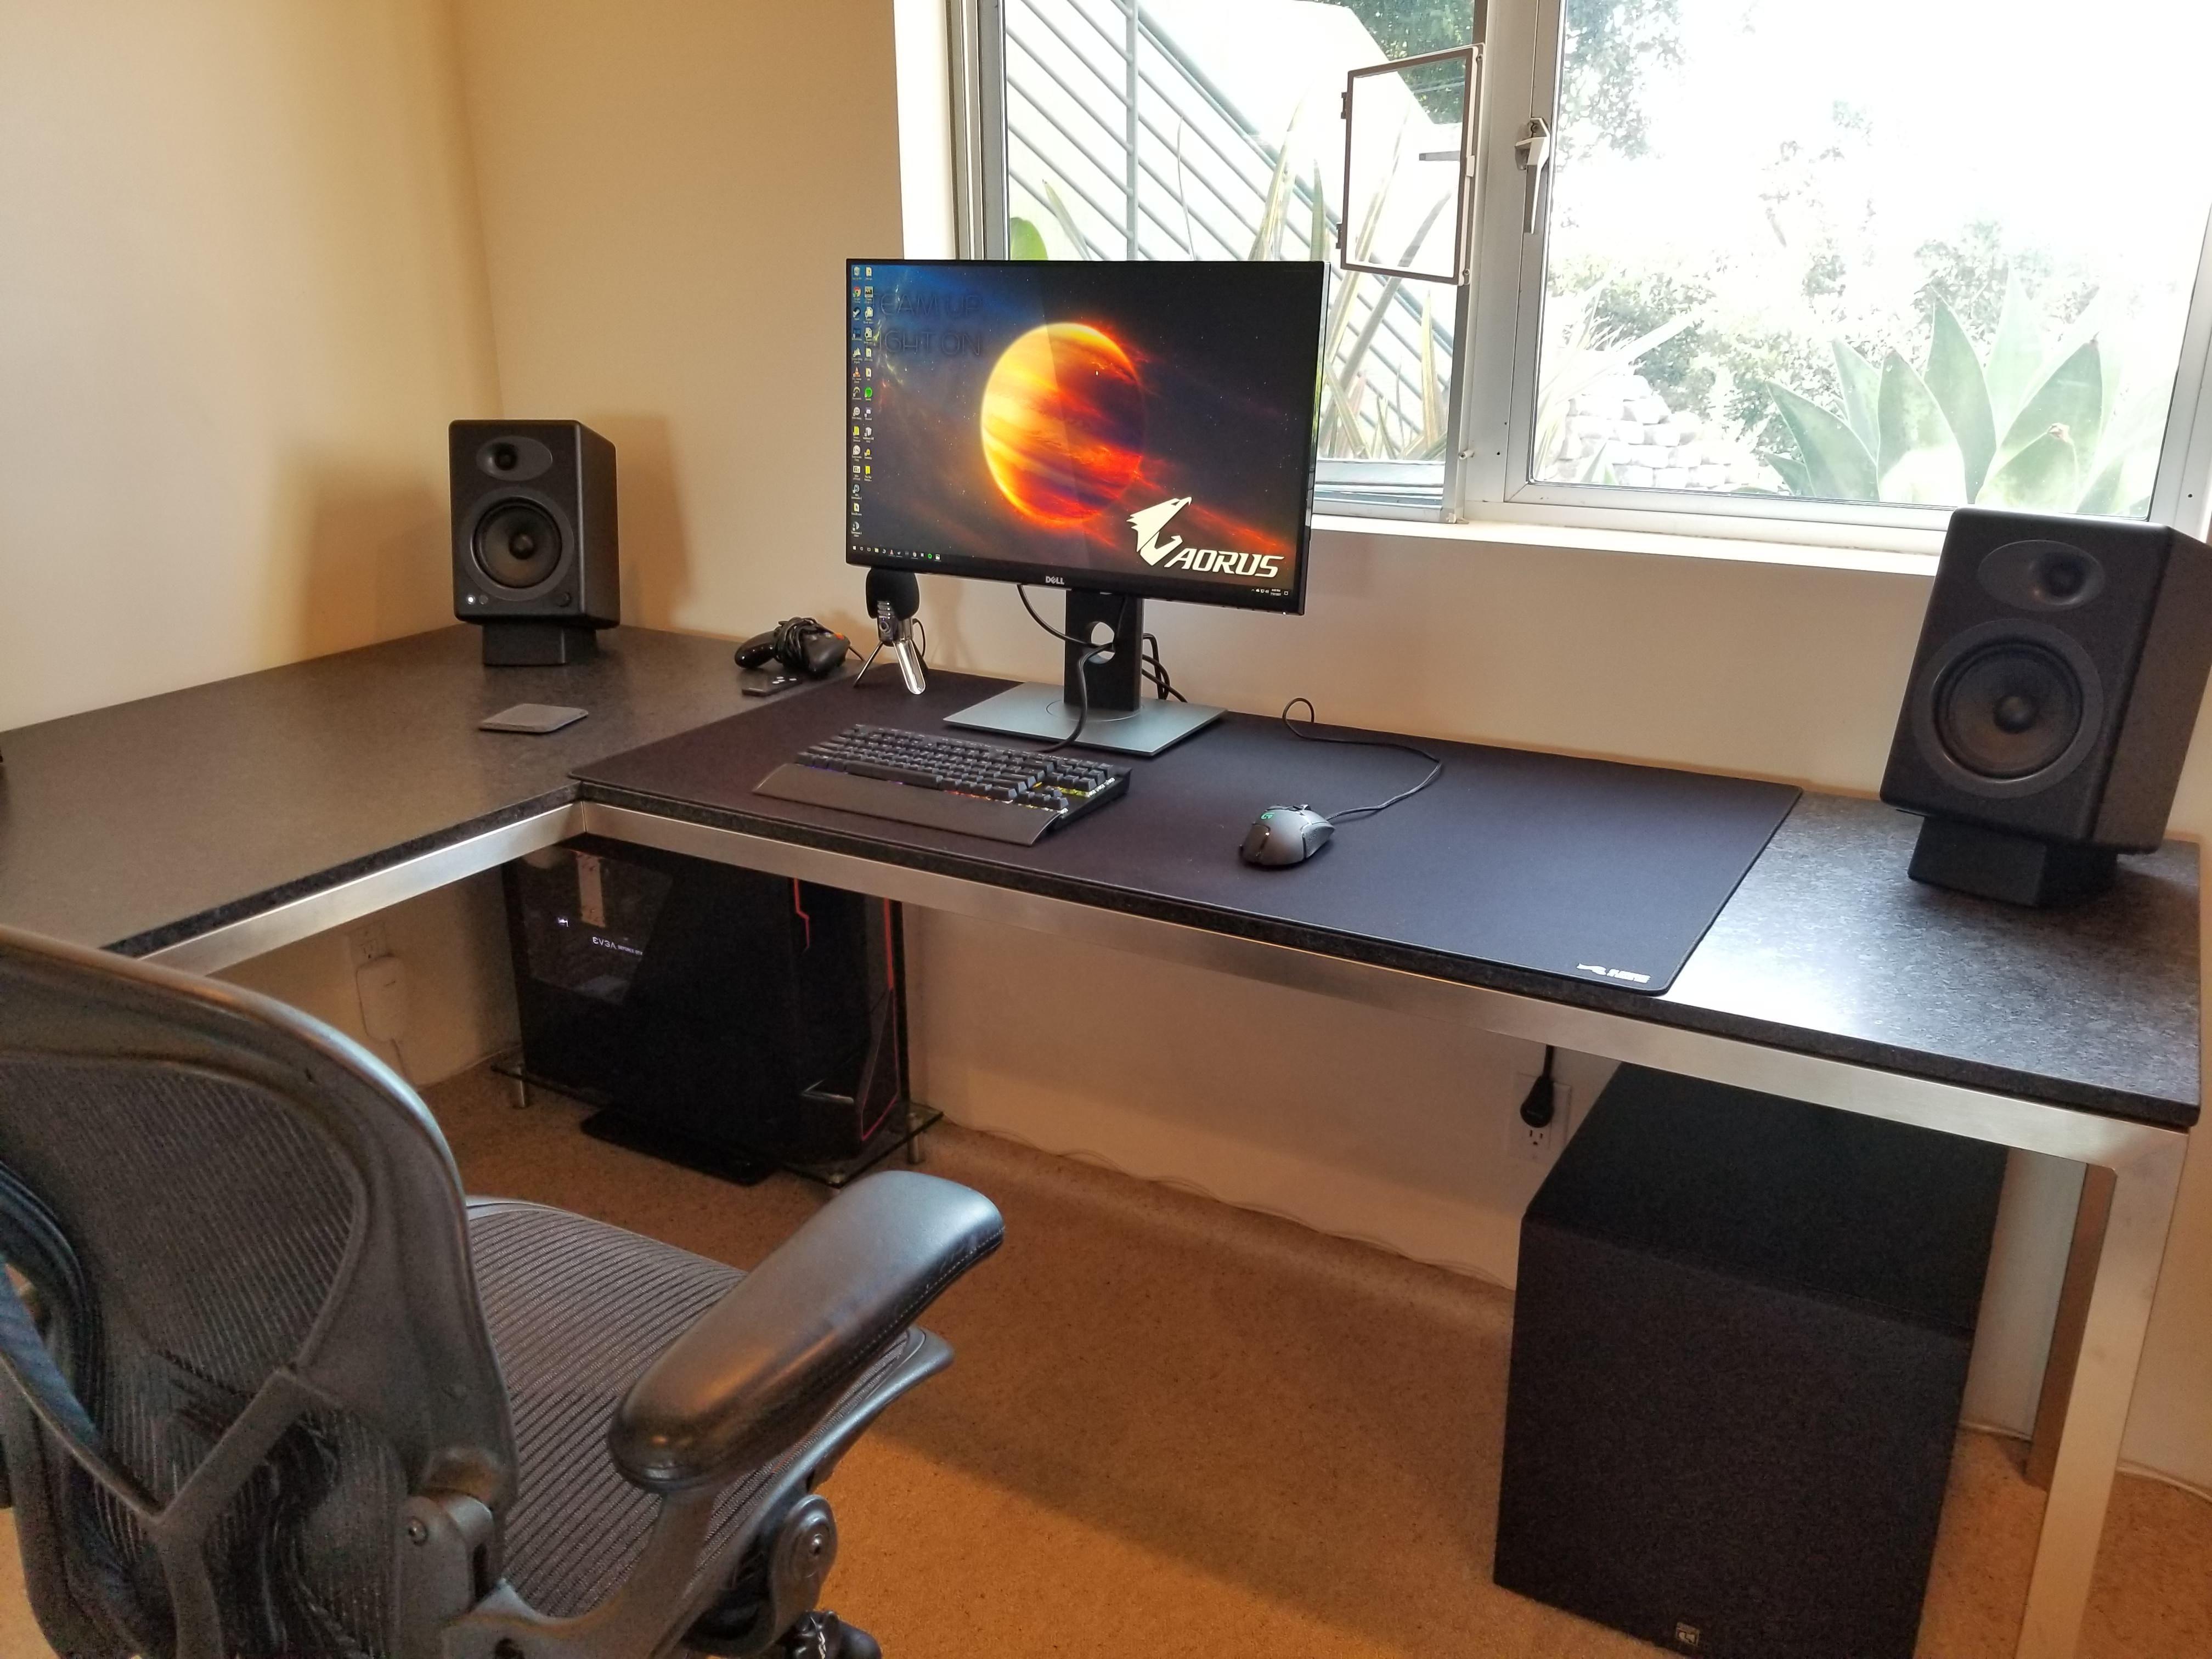 Station at which I do battle Desk setup, Pc setup